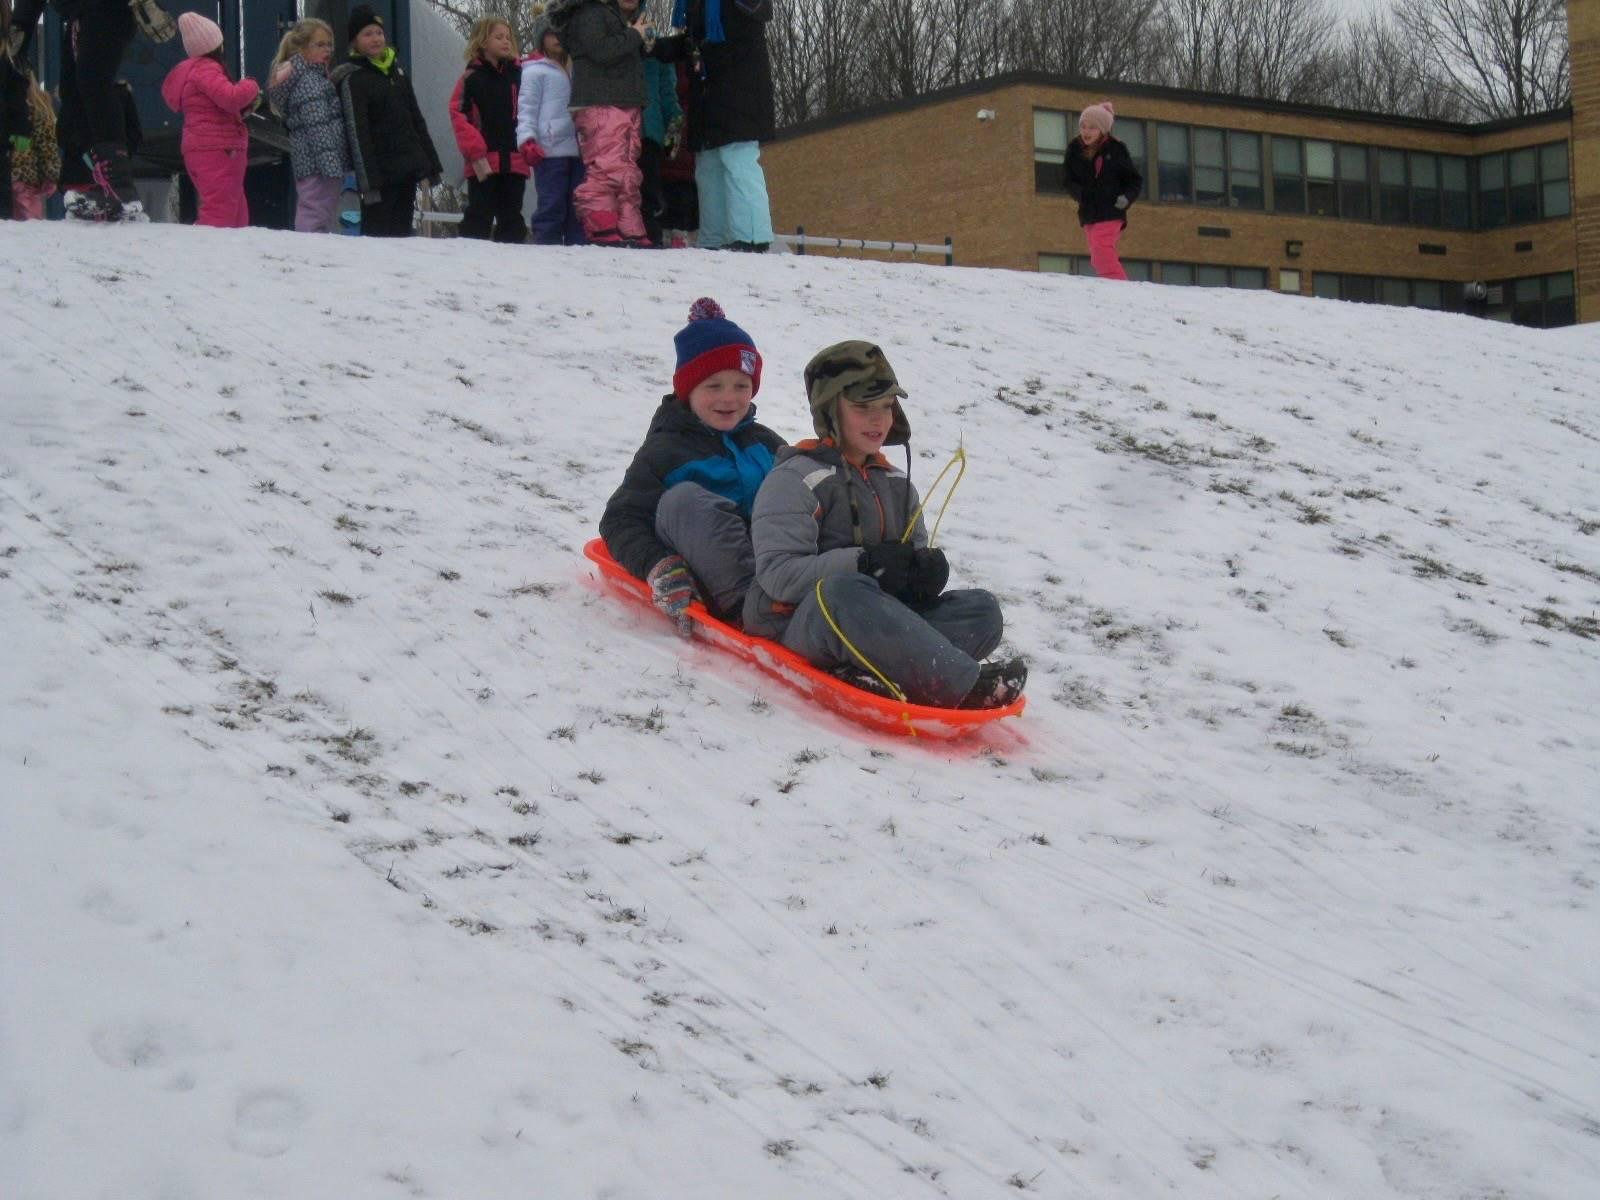 2 students sledding